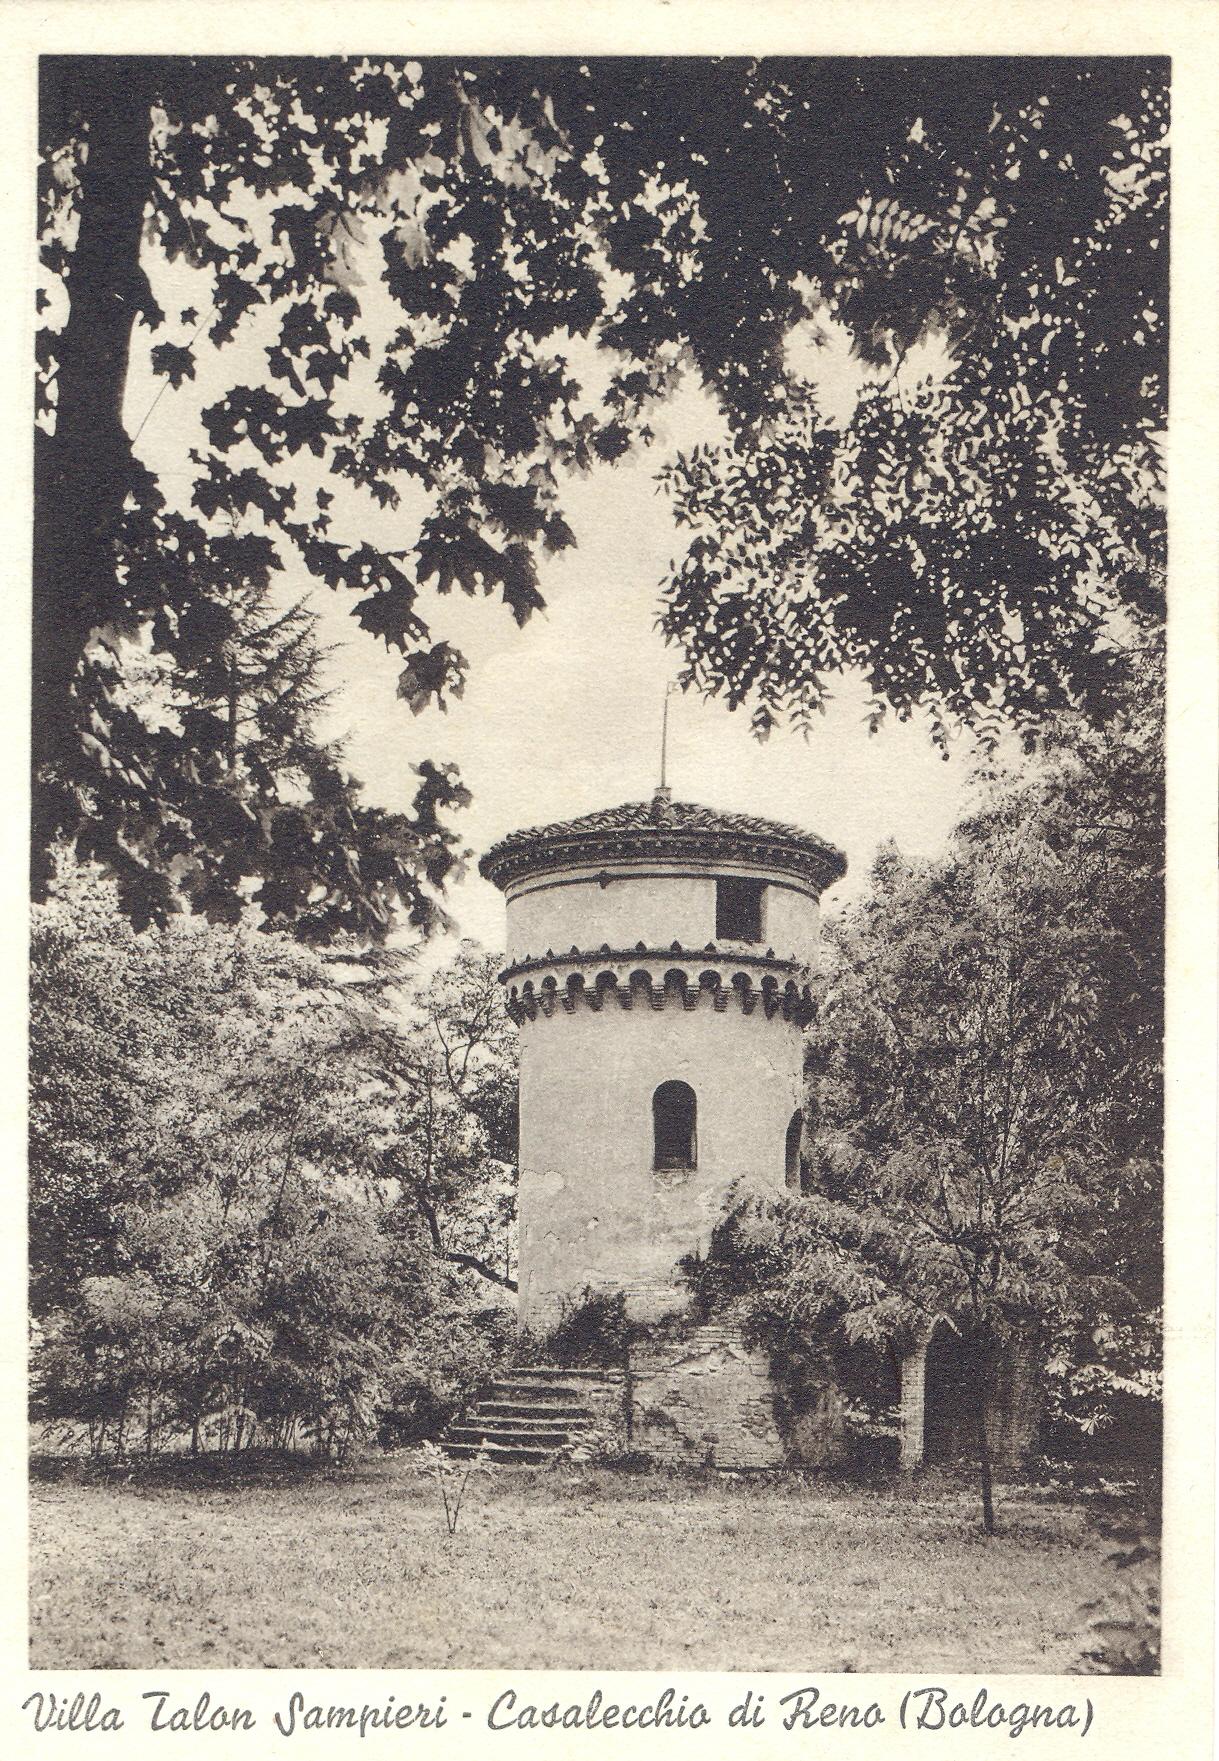 La villa Sampieri Talon, particolare del parco con la Casa dell'orso (Archivio fotografico Biblioteca C. Pavese)